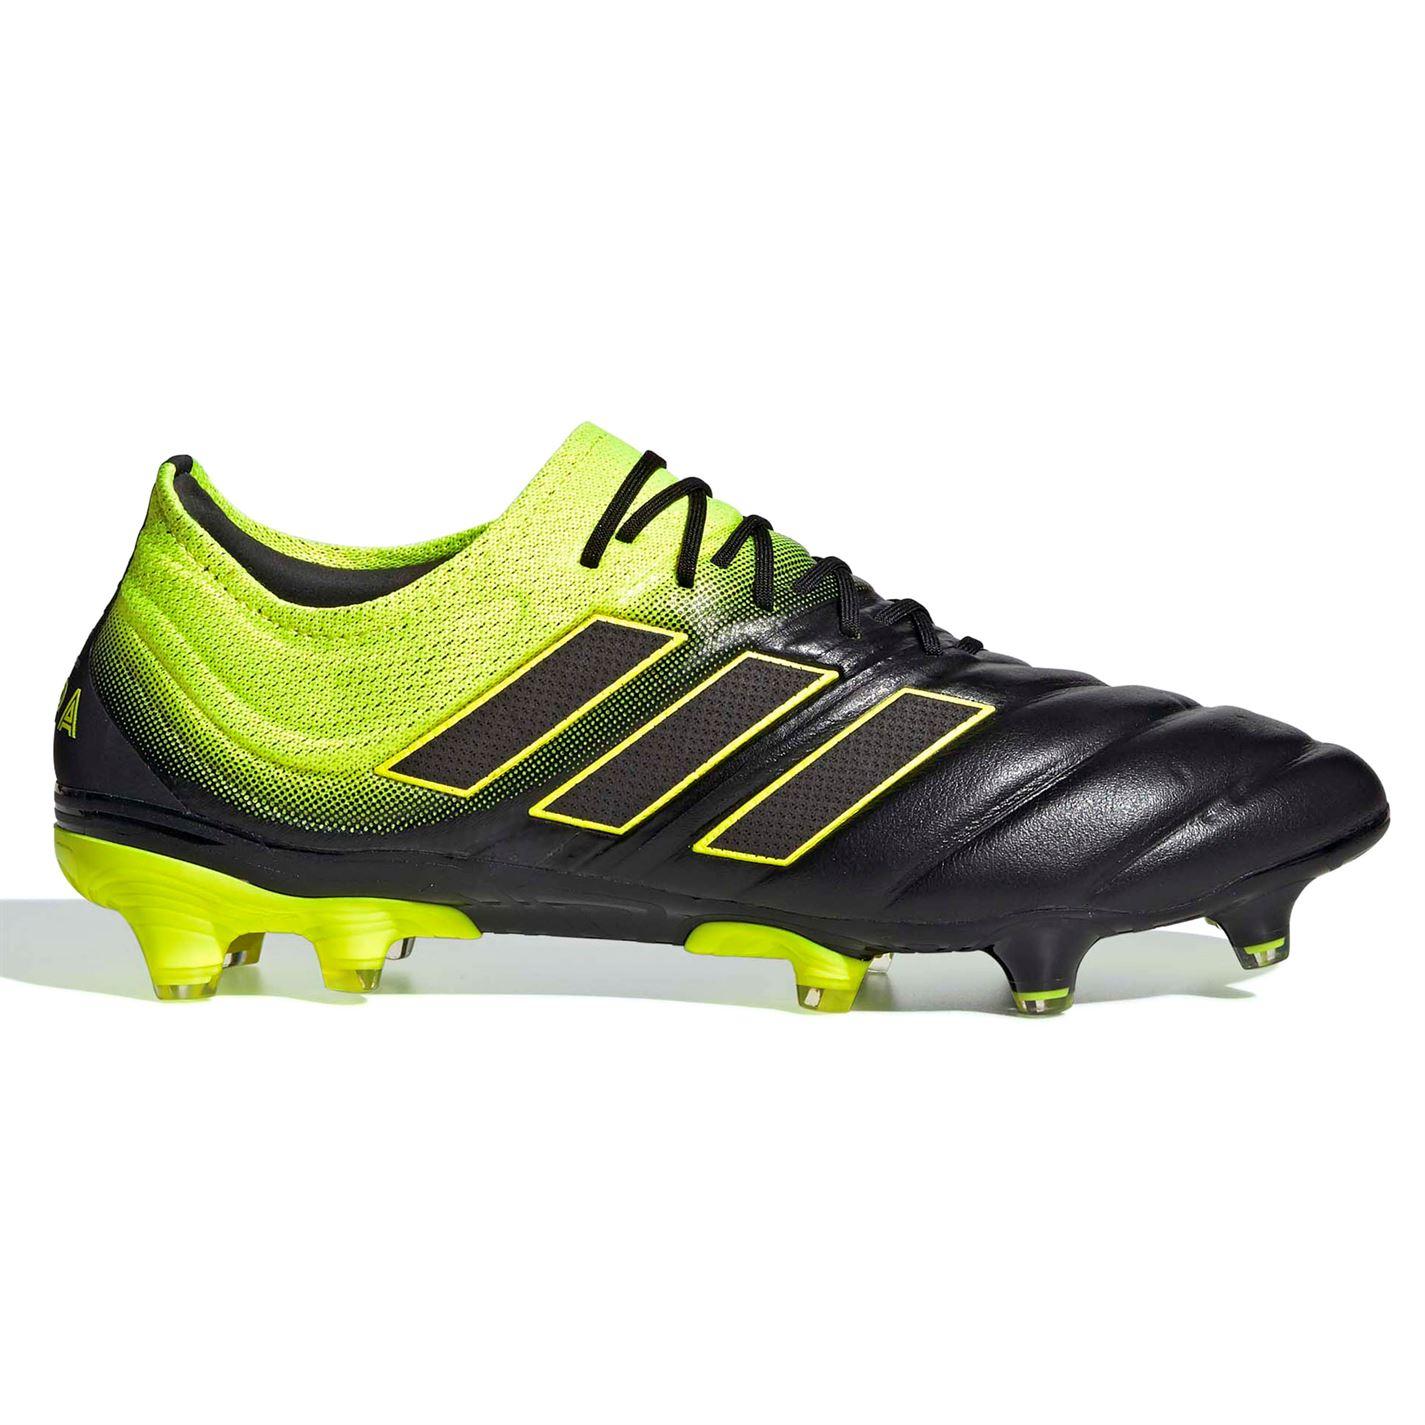 0f452a25e7997 kopačky adidas Copa 19.1 pánské FG